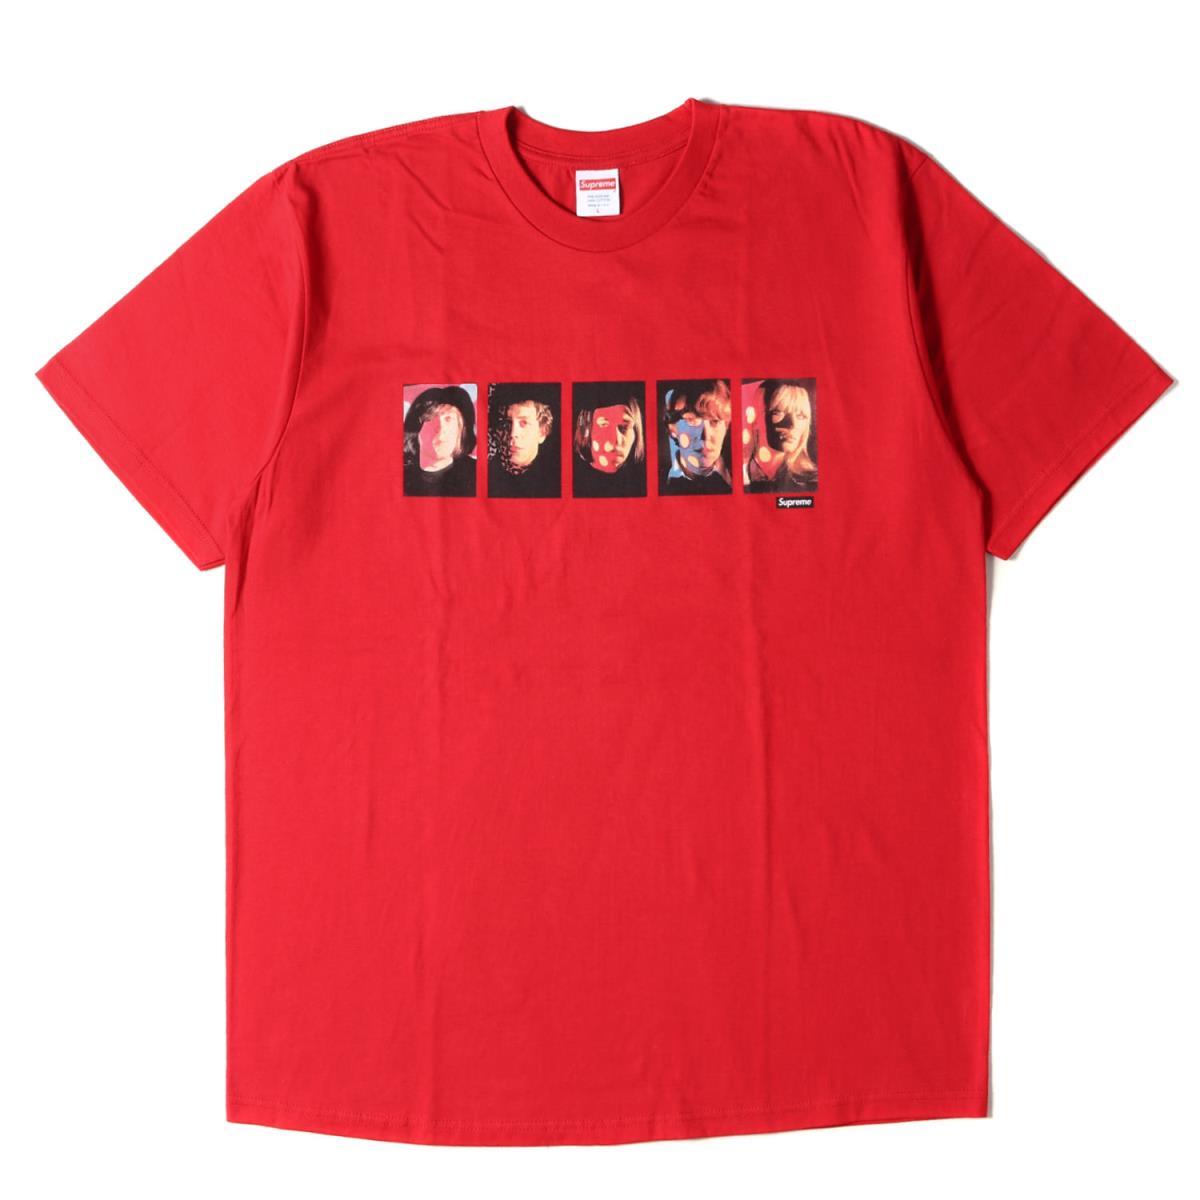 トップス, Tシャツ・カットソー Supreme T 19AW The Velvet Underground T Nico Tee L K2989